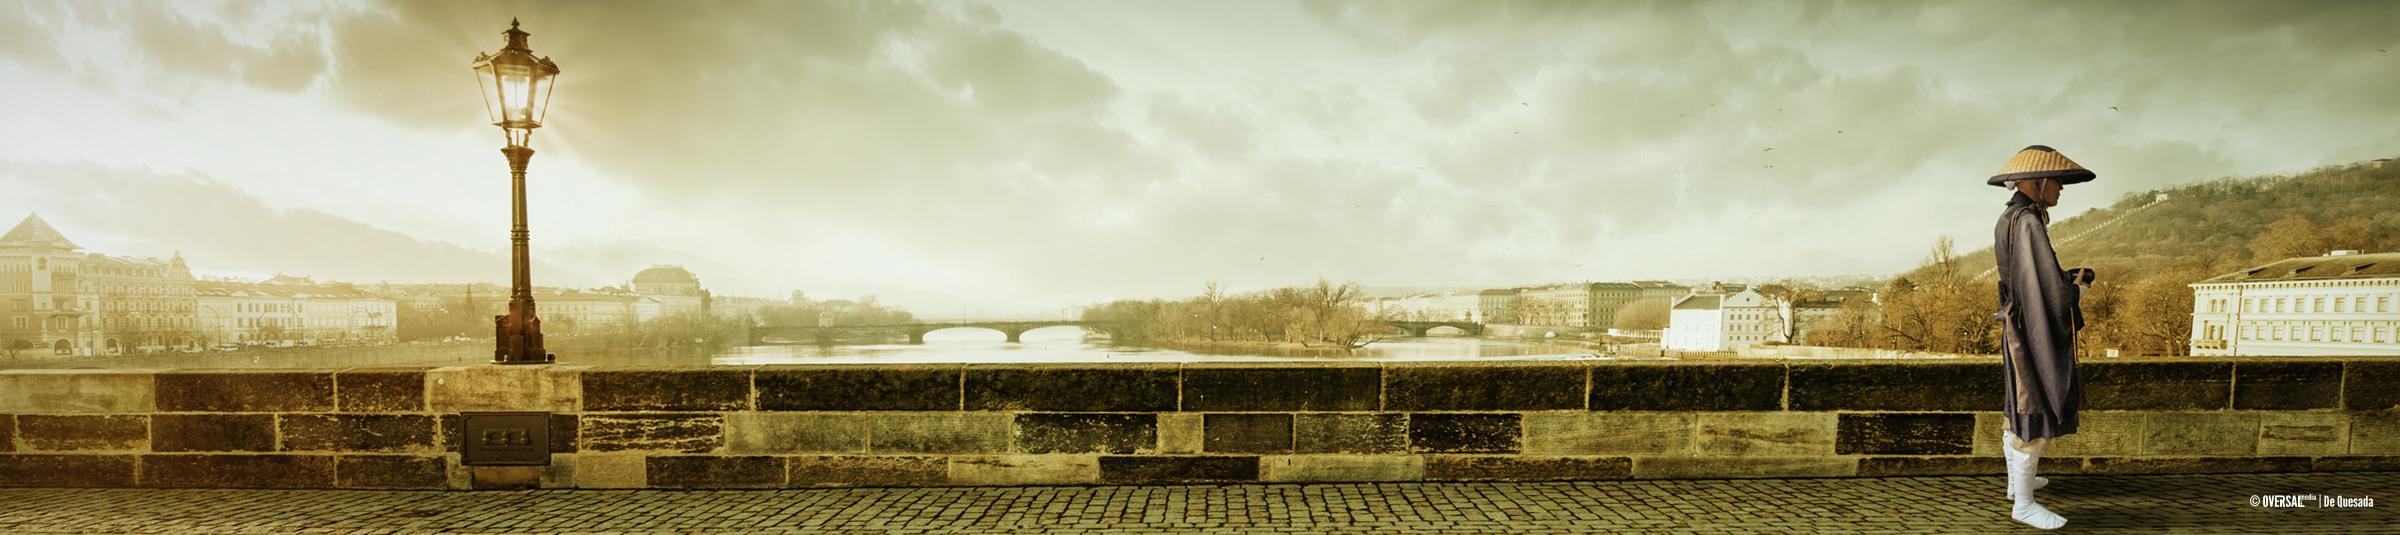 Monk standing on the stone bridge - モンクは、石造りの橋の上に立って SKU: la-0007c